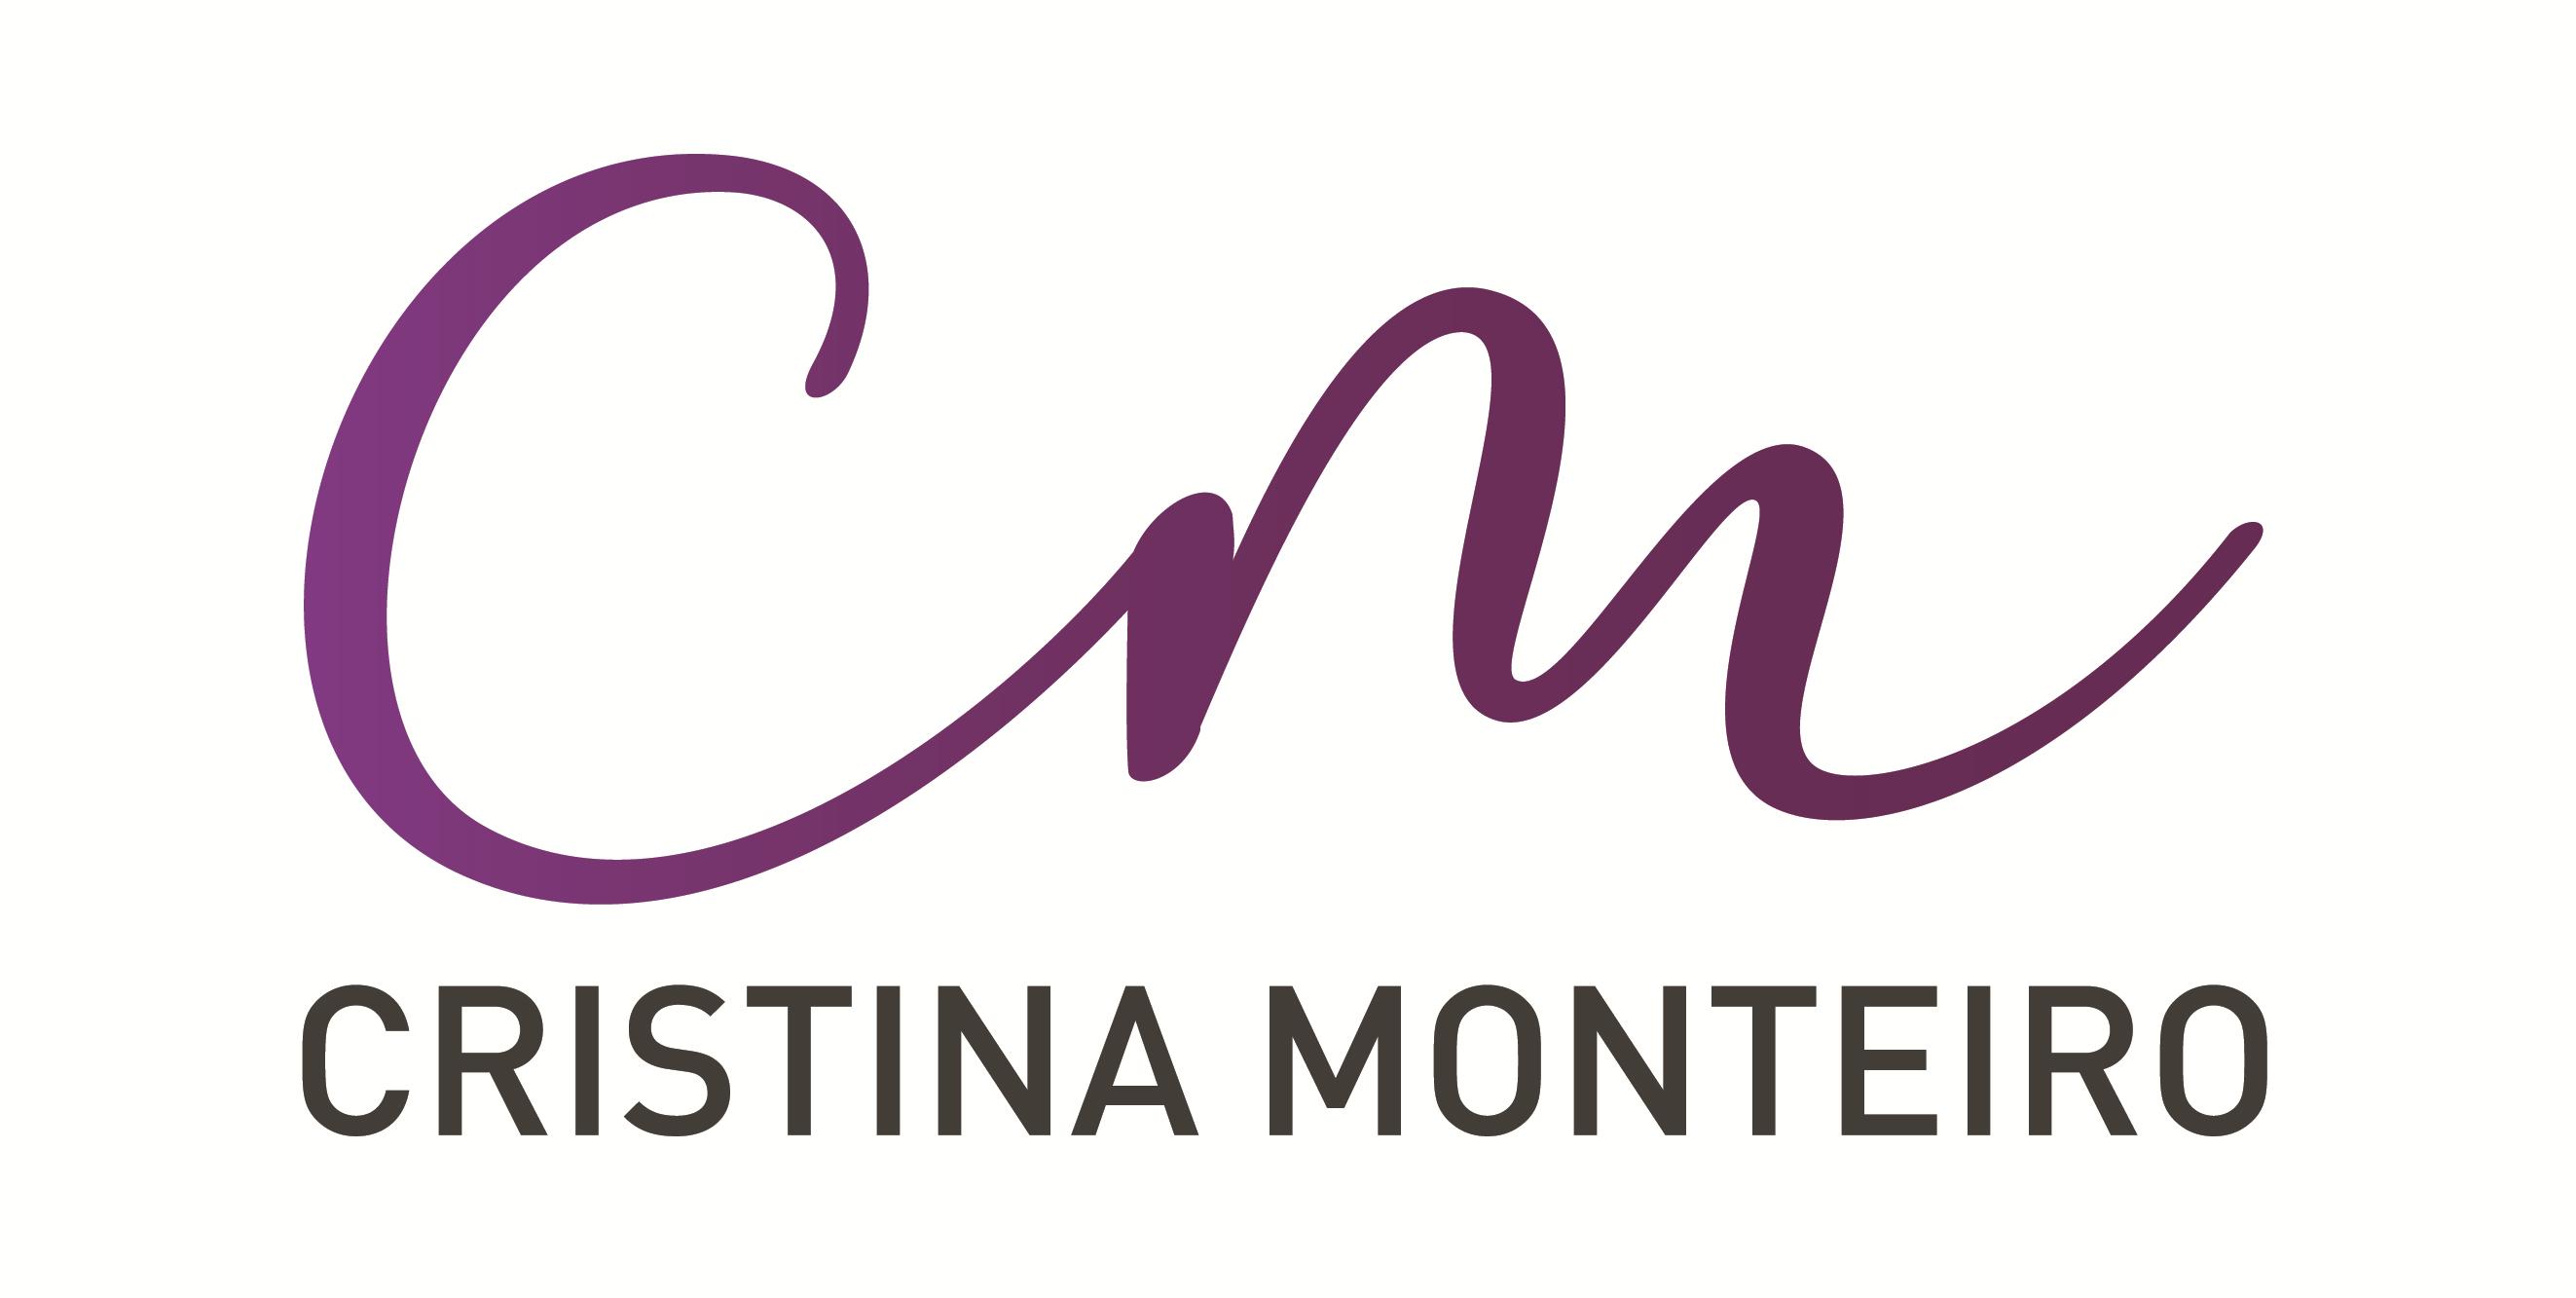 Cristina Monteiro | Blog